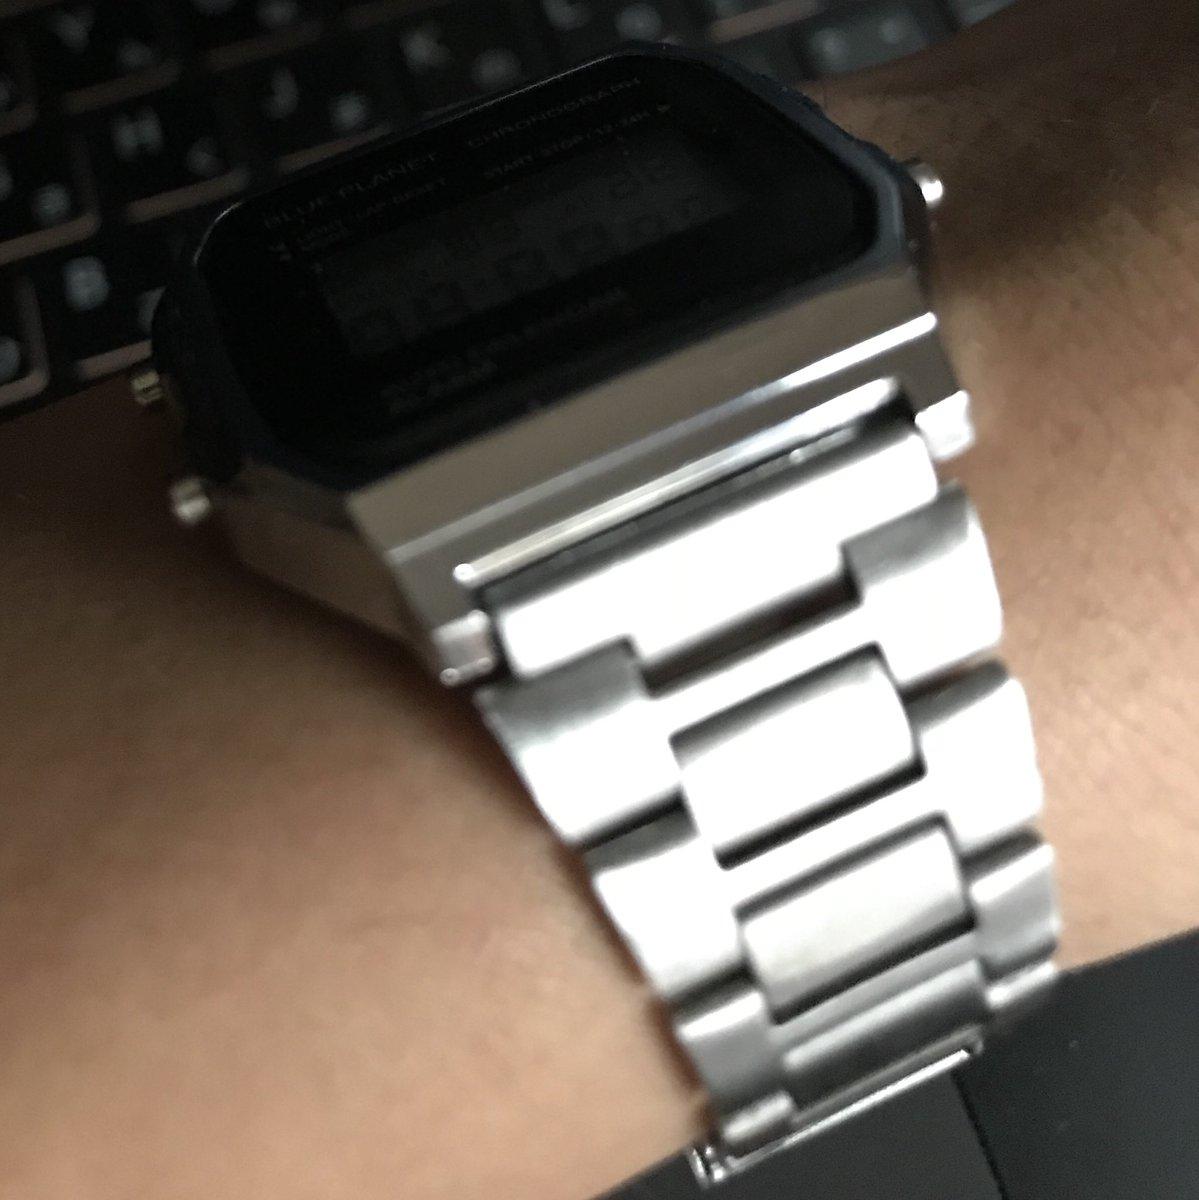 test ツイッターメディア - 今使ってる時計を見て、大概のやつはこんな勘違いをしてくれる。  1. Apple Watchかと思う!               ↓ 2. 違う、チプカシかな?               ↓ 3. ブルプラ、つまりチープチャイナだ #ダイソー #BLUEPLANET https://t.co/AxCP6t4jTM